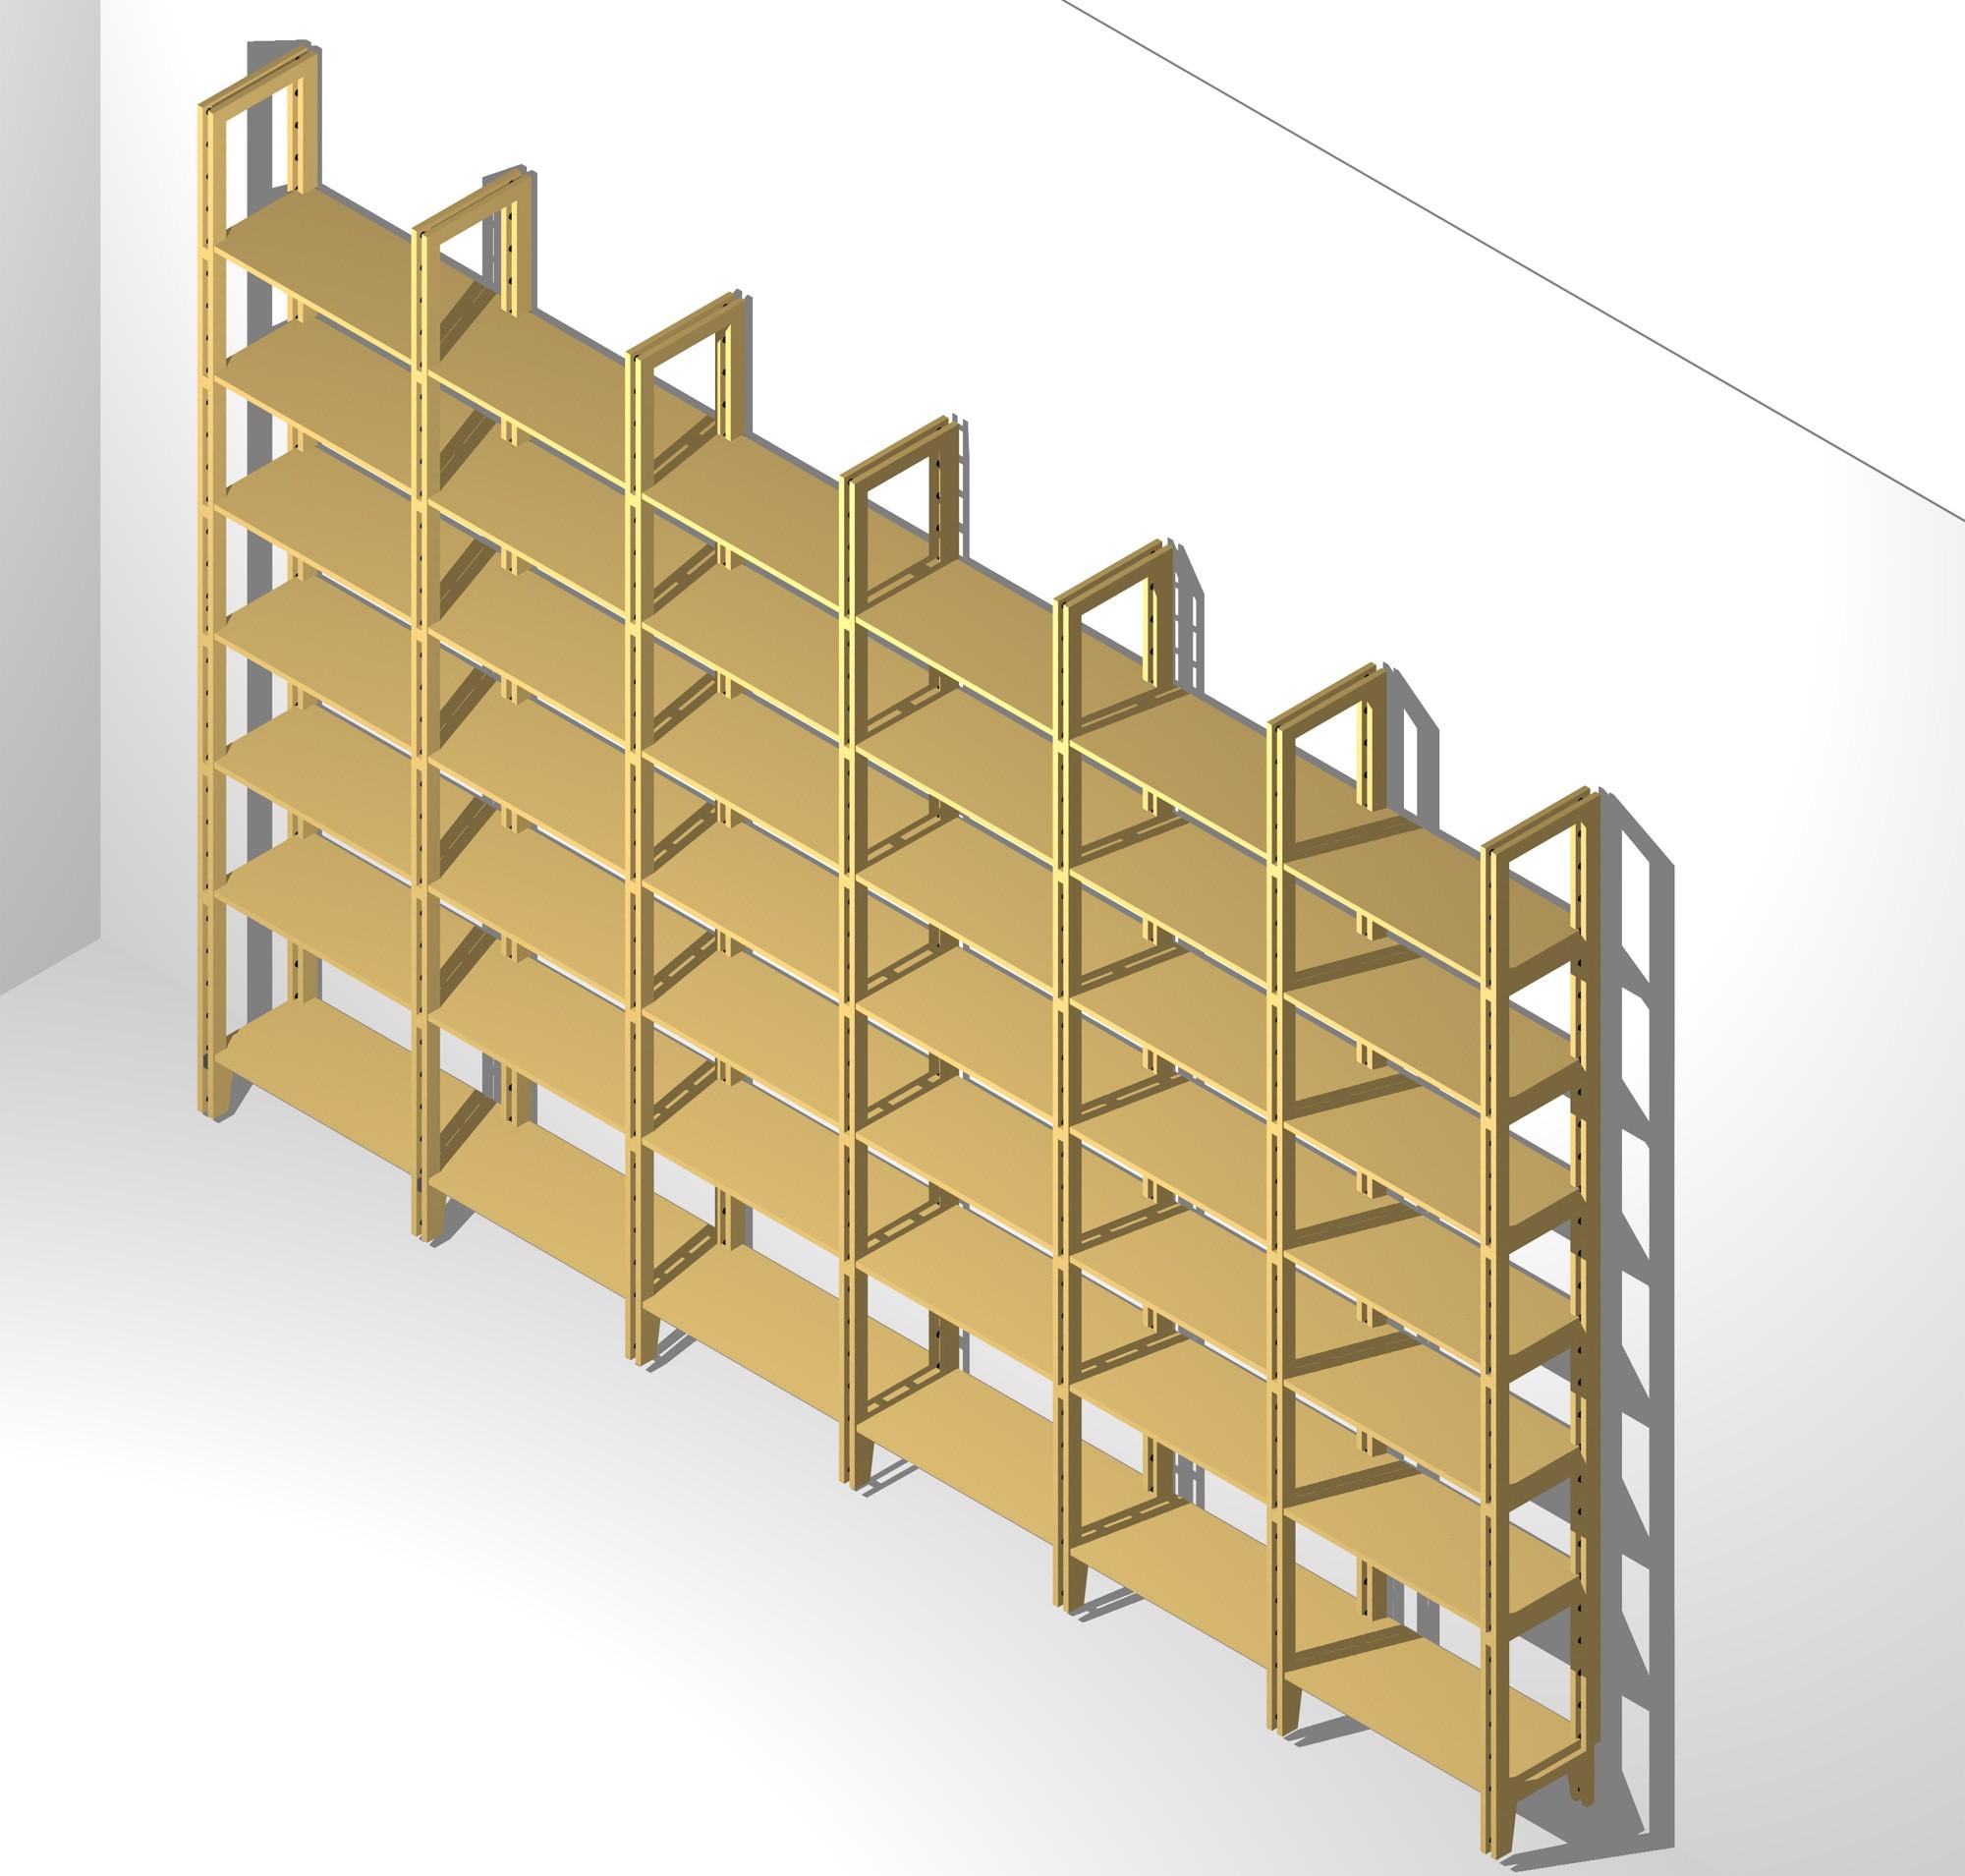 b cher regalwand zwei meter hoch mit verstellbaren b den. Black Bedroom Furniture Sets. Home Design Ideas